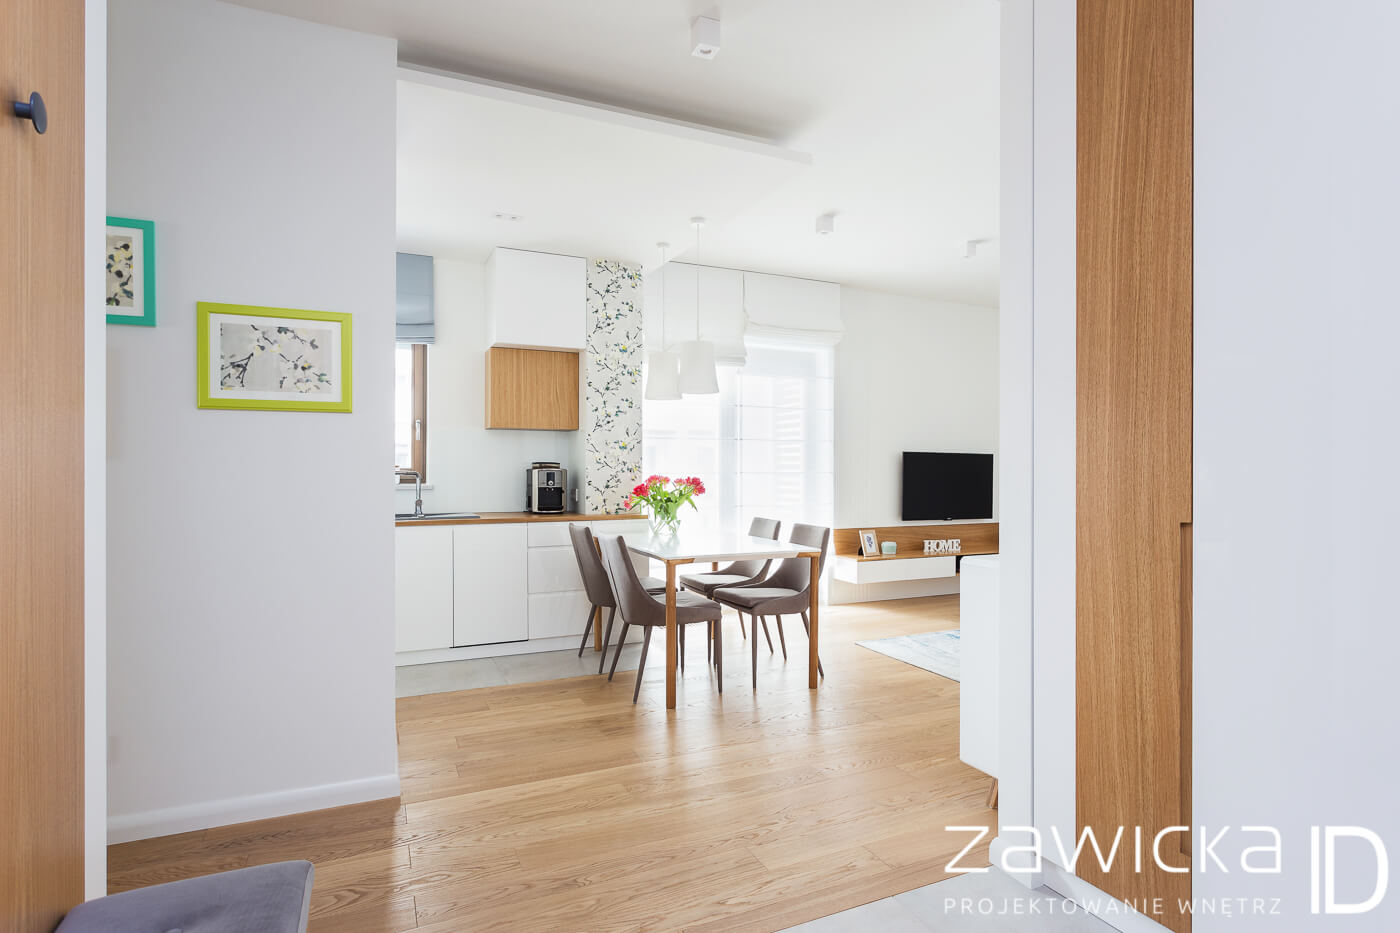 3 pokoje 63 m2 / Zawicka-ID